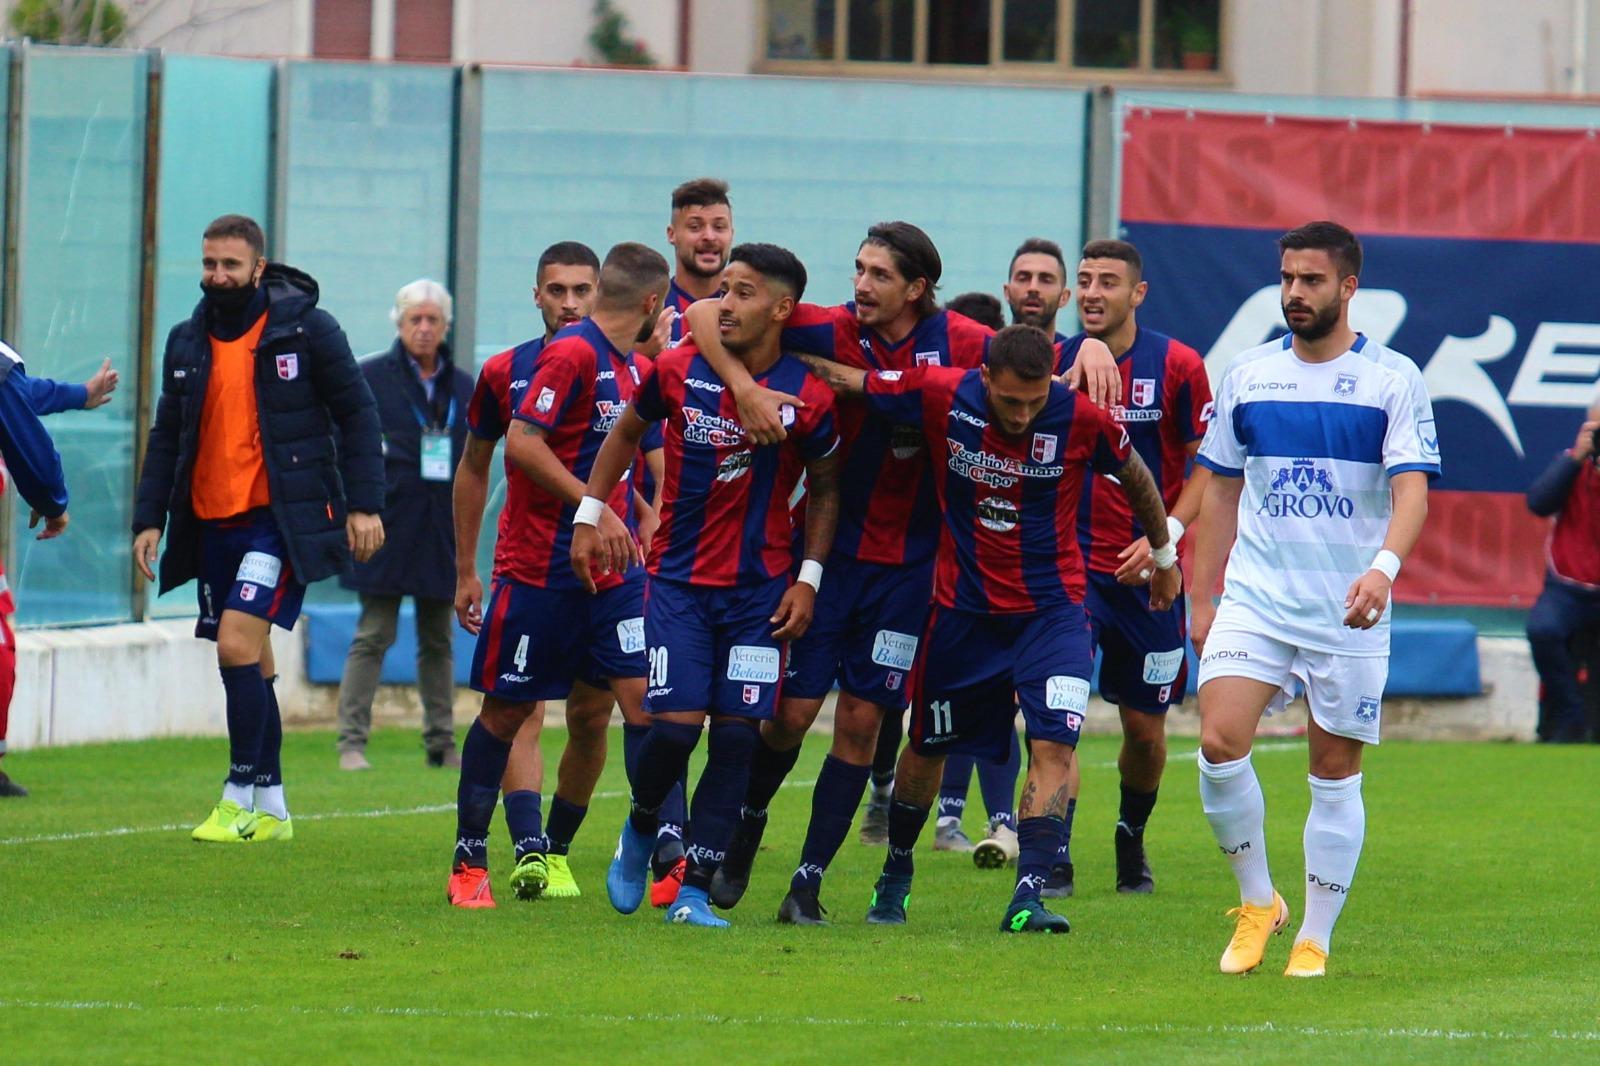 VIBONESE - PAGANESE 5-2 | Il tabellino del match immagine 16279 US Vibonese Calcio